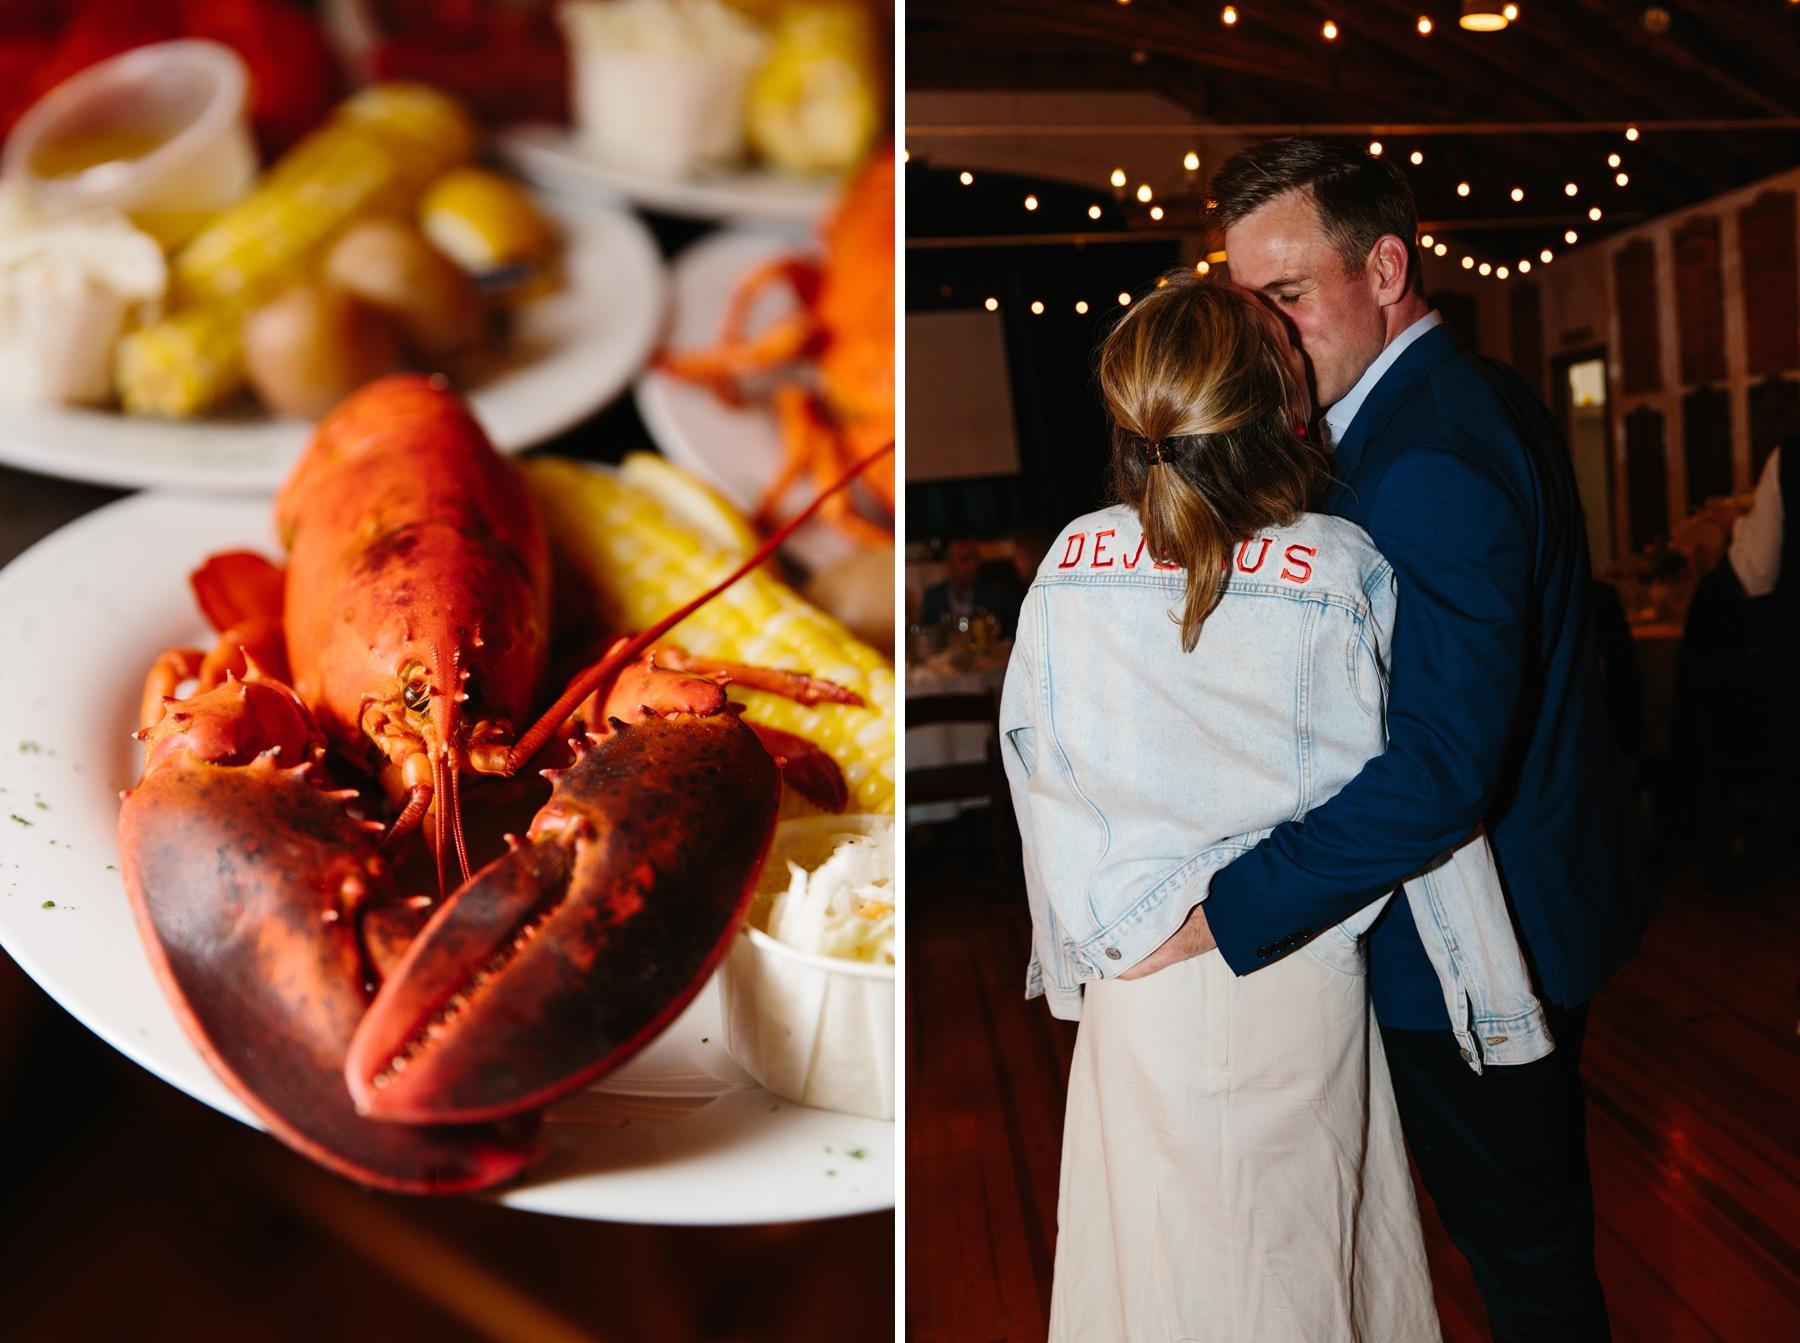 lobster bake rehearsal din